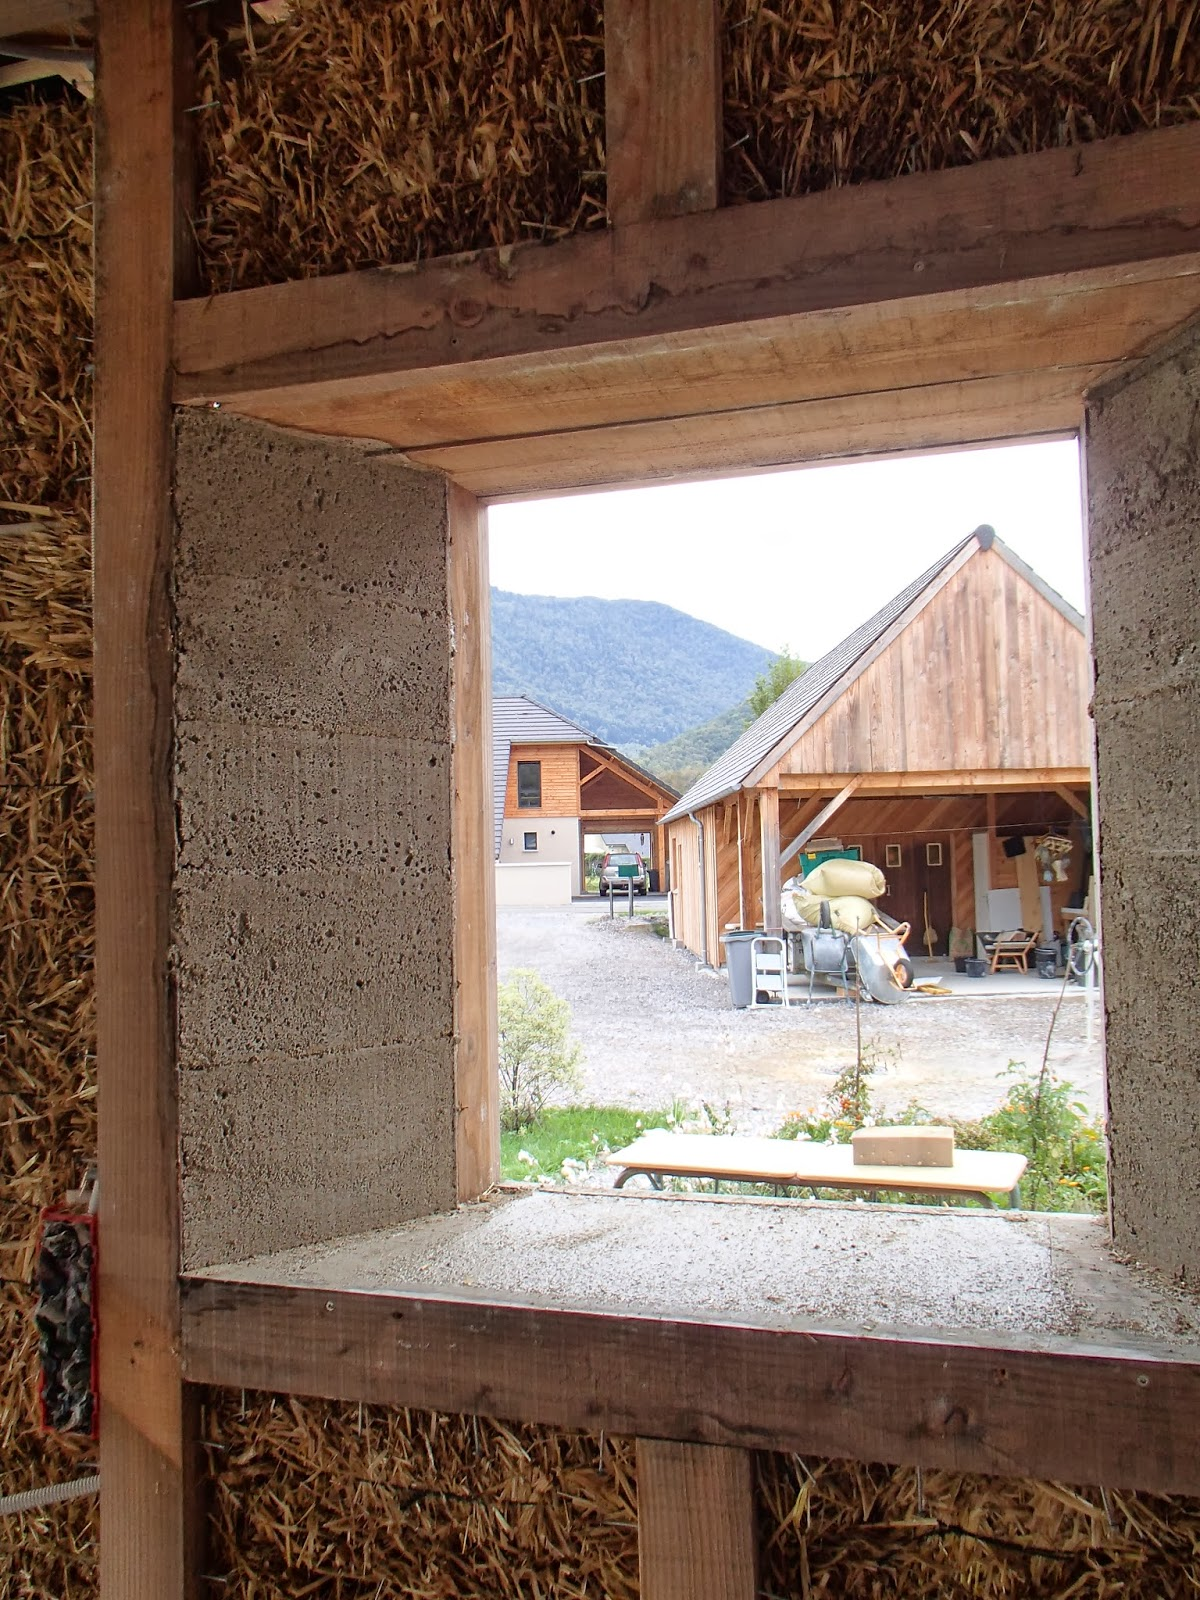 Autoconstruction bois et paille en vall e d 39 ossau 64 on for Autoconstruction paille